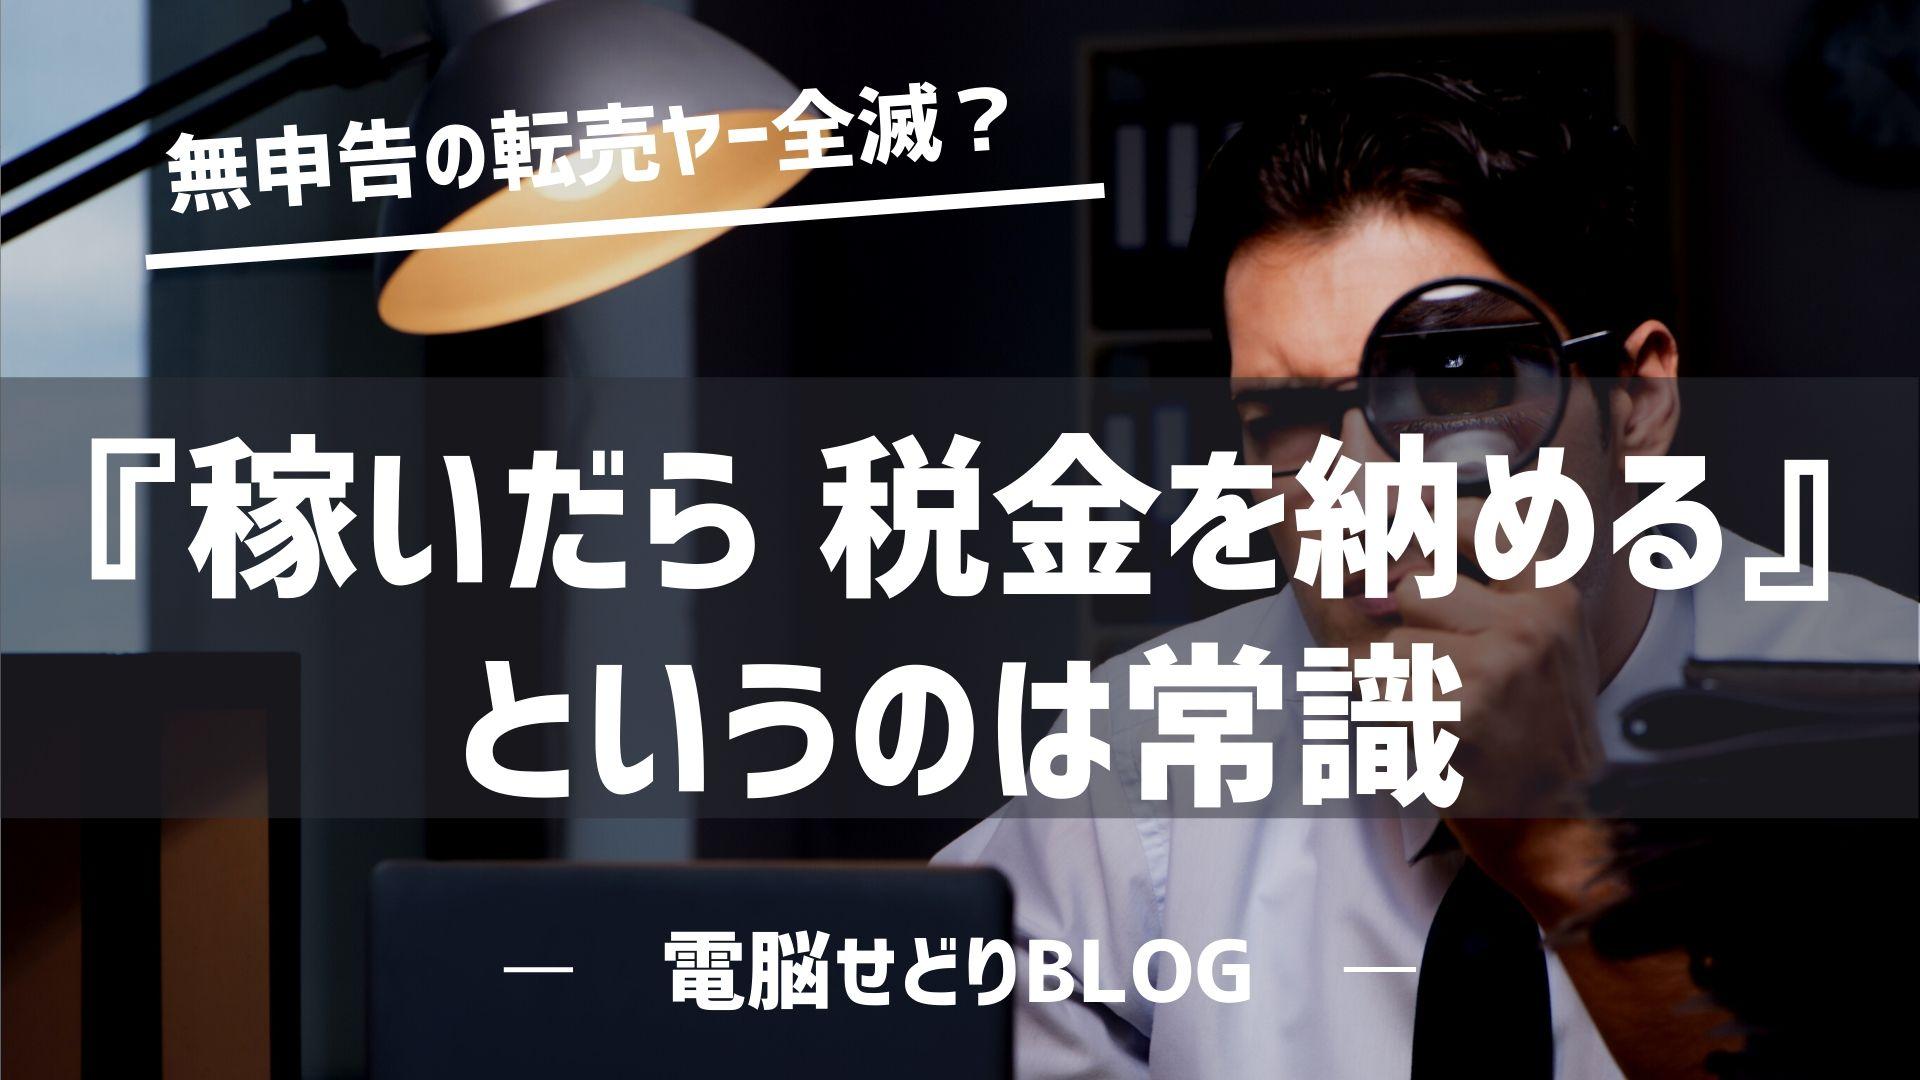 税制改正で売り上げ「1000万円以上の転売ヤー」が調査対象に?【税理士さんに聞いてみました】